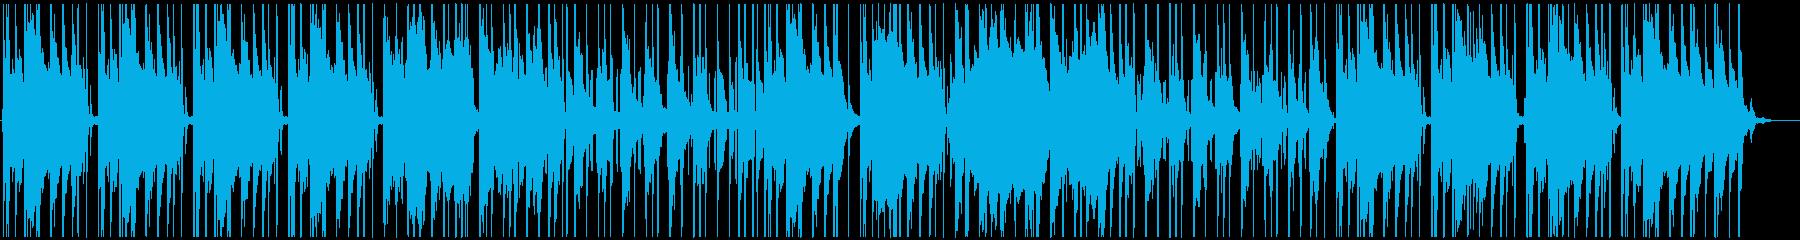 ジャジーなヒップホップトラックの再生済みの波形